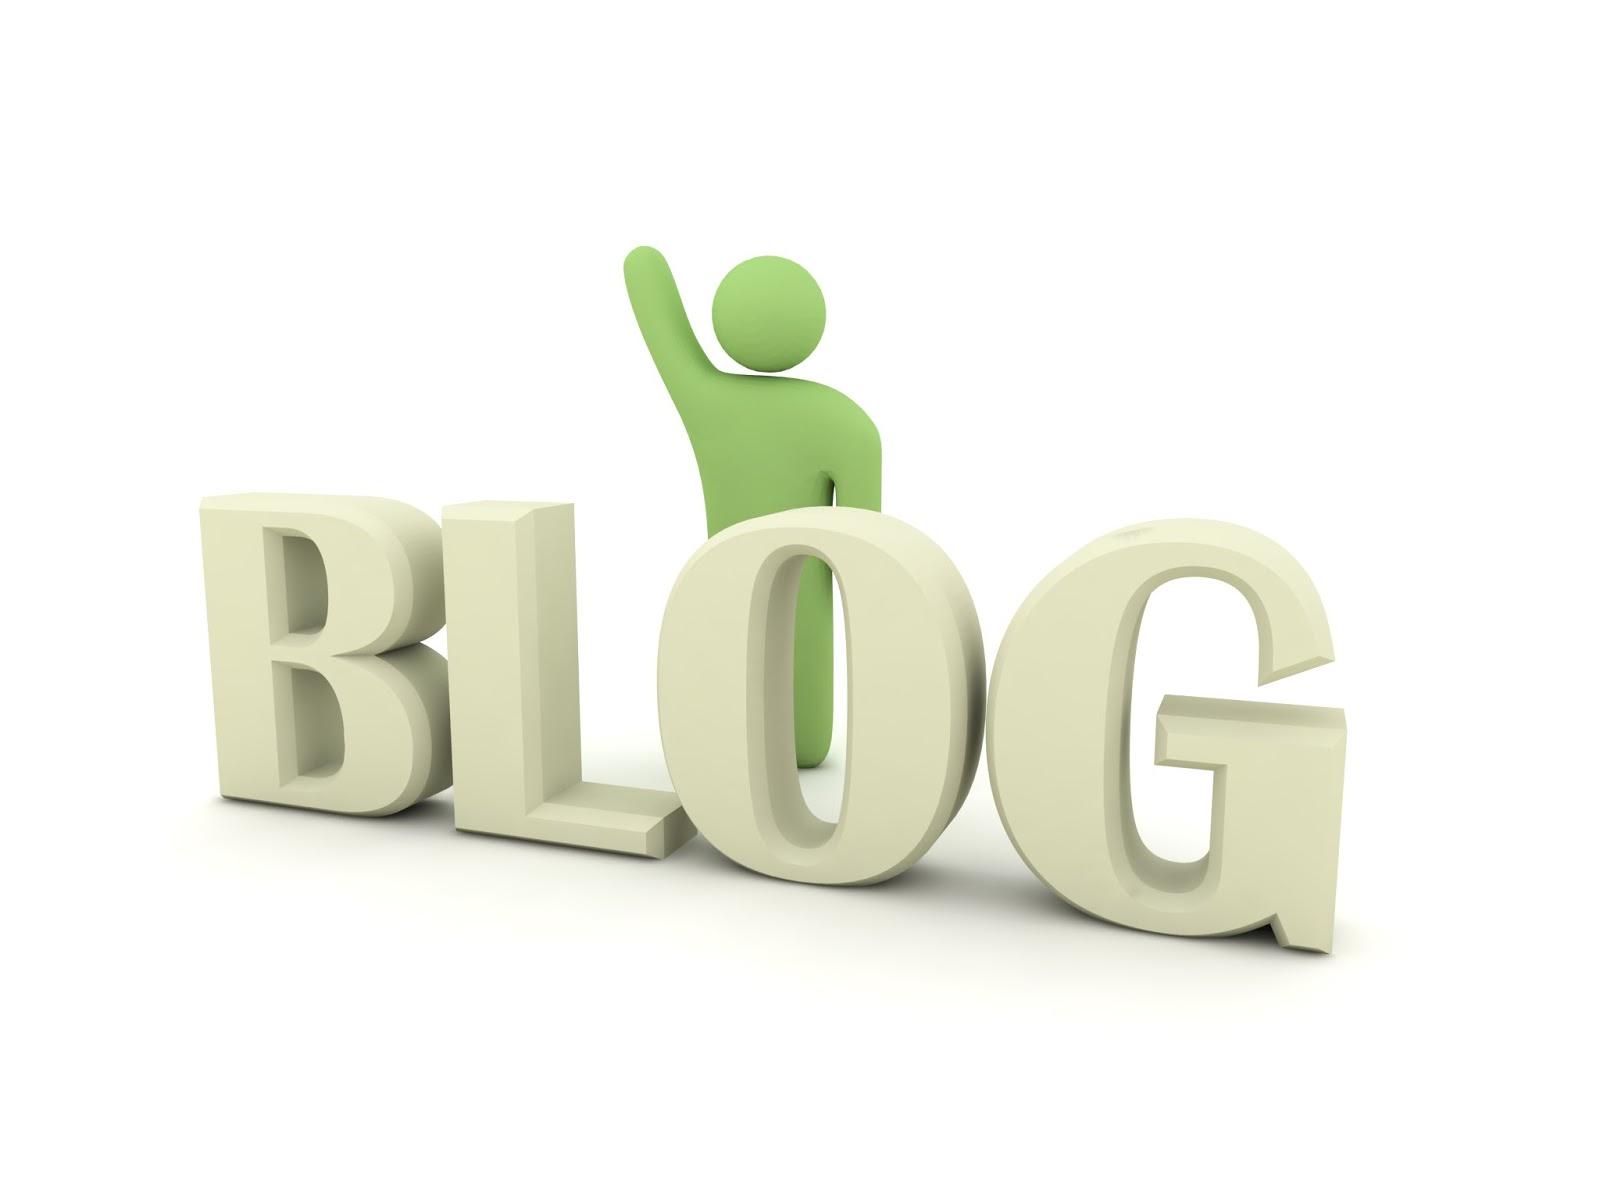 Daftar Situs Penyedia Layanan Blog Gratis Dan Terbaik